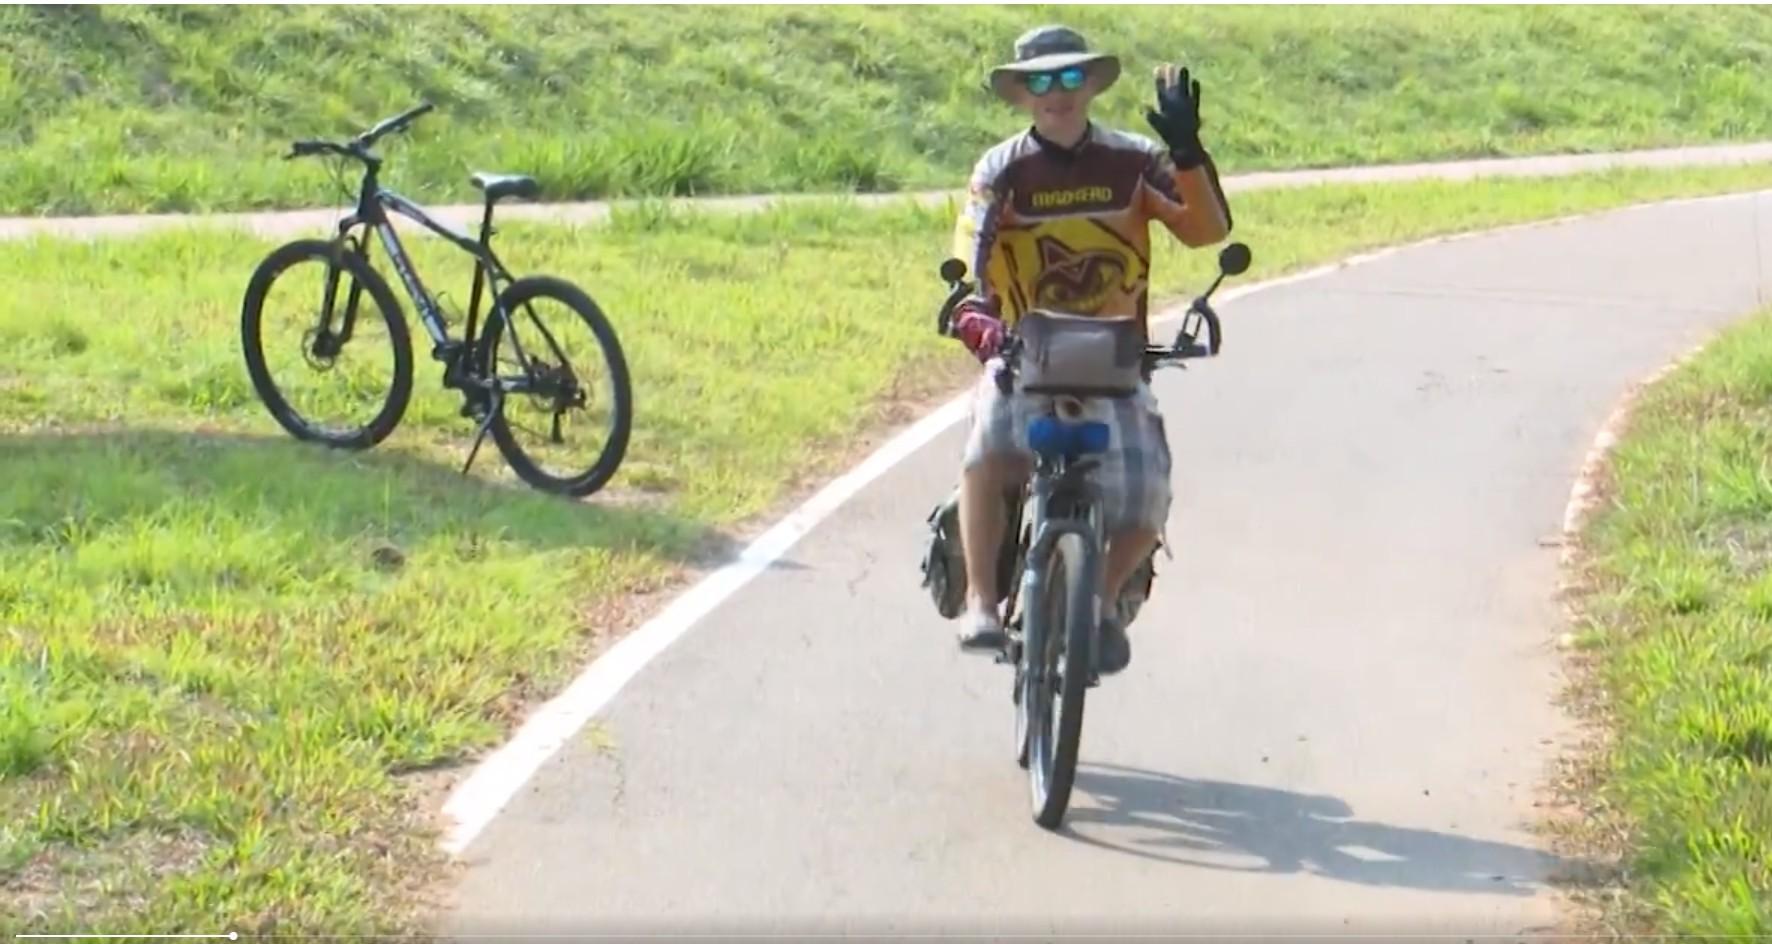 Após AVC, russo decide conhecer o mundo de bicicleta e passa pelo Acre: 'a vida é muito curta' - Notícias - Plantão Diário